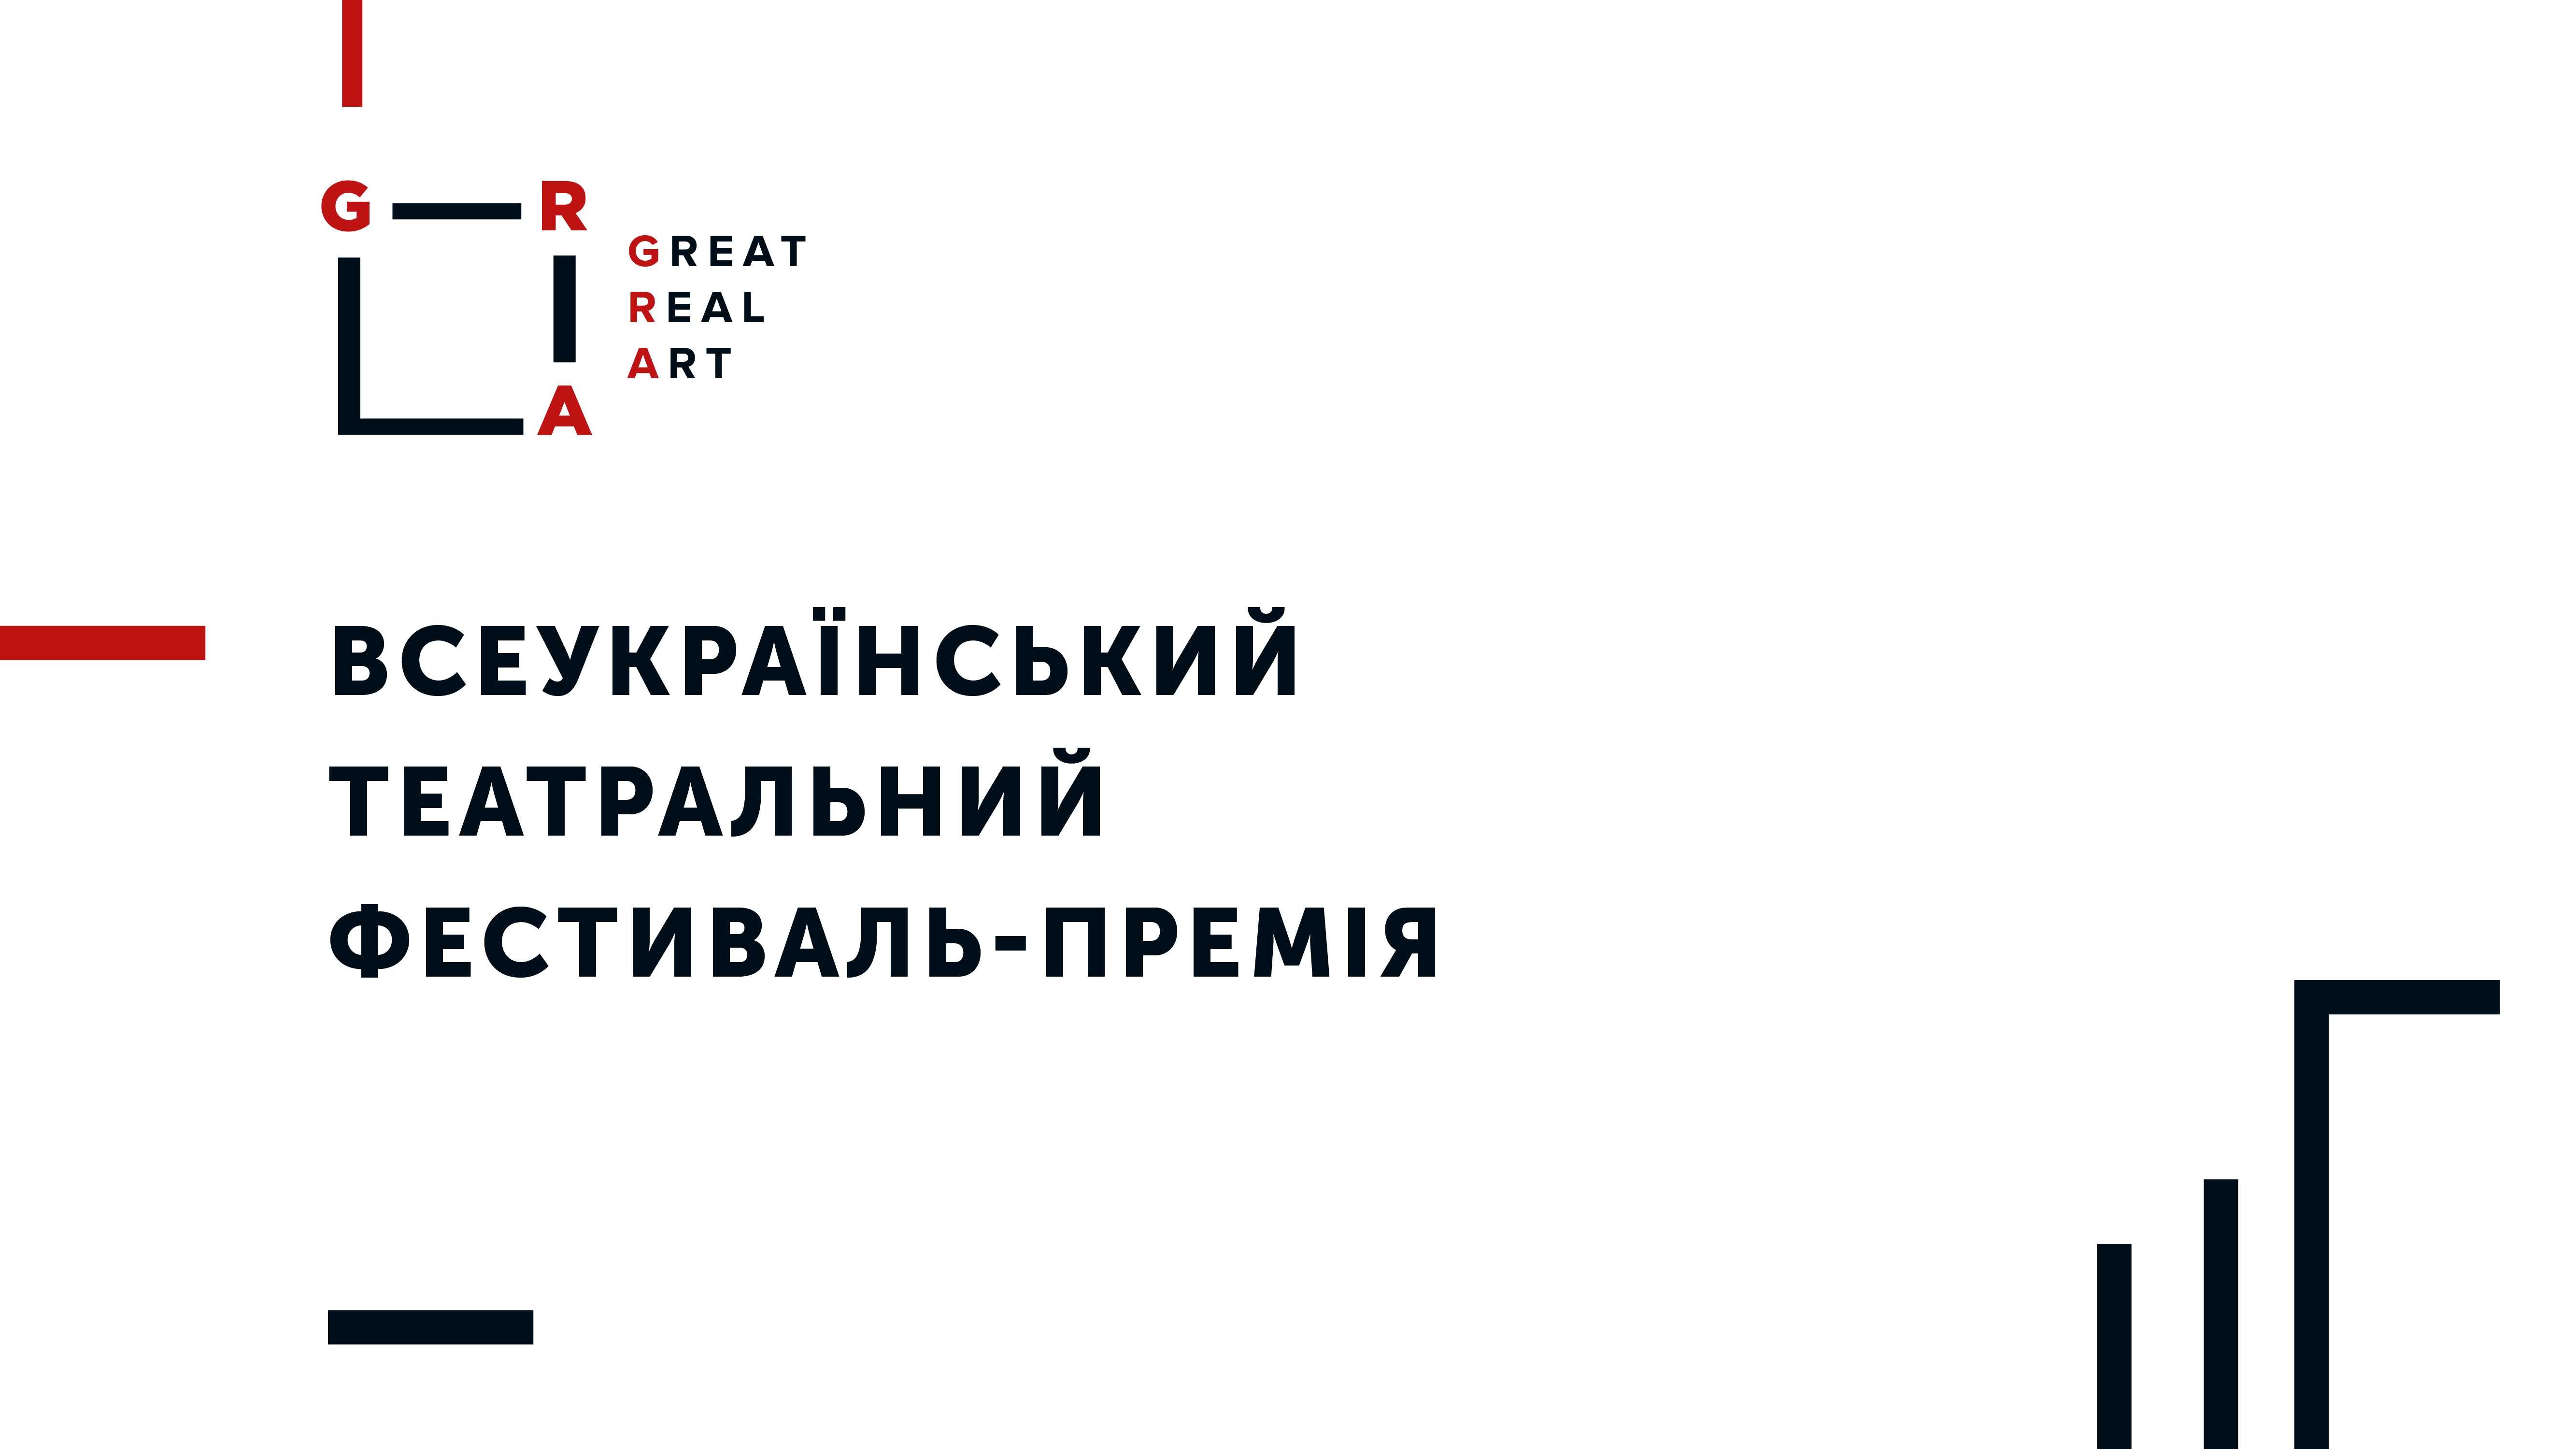 """Всеукраинская театральная Фестиваль-Премия """"ГРА/GRA"""" 1"""